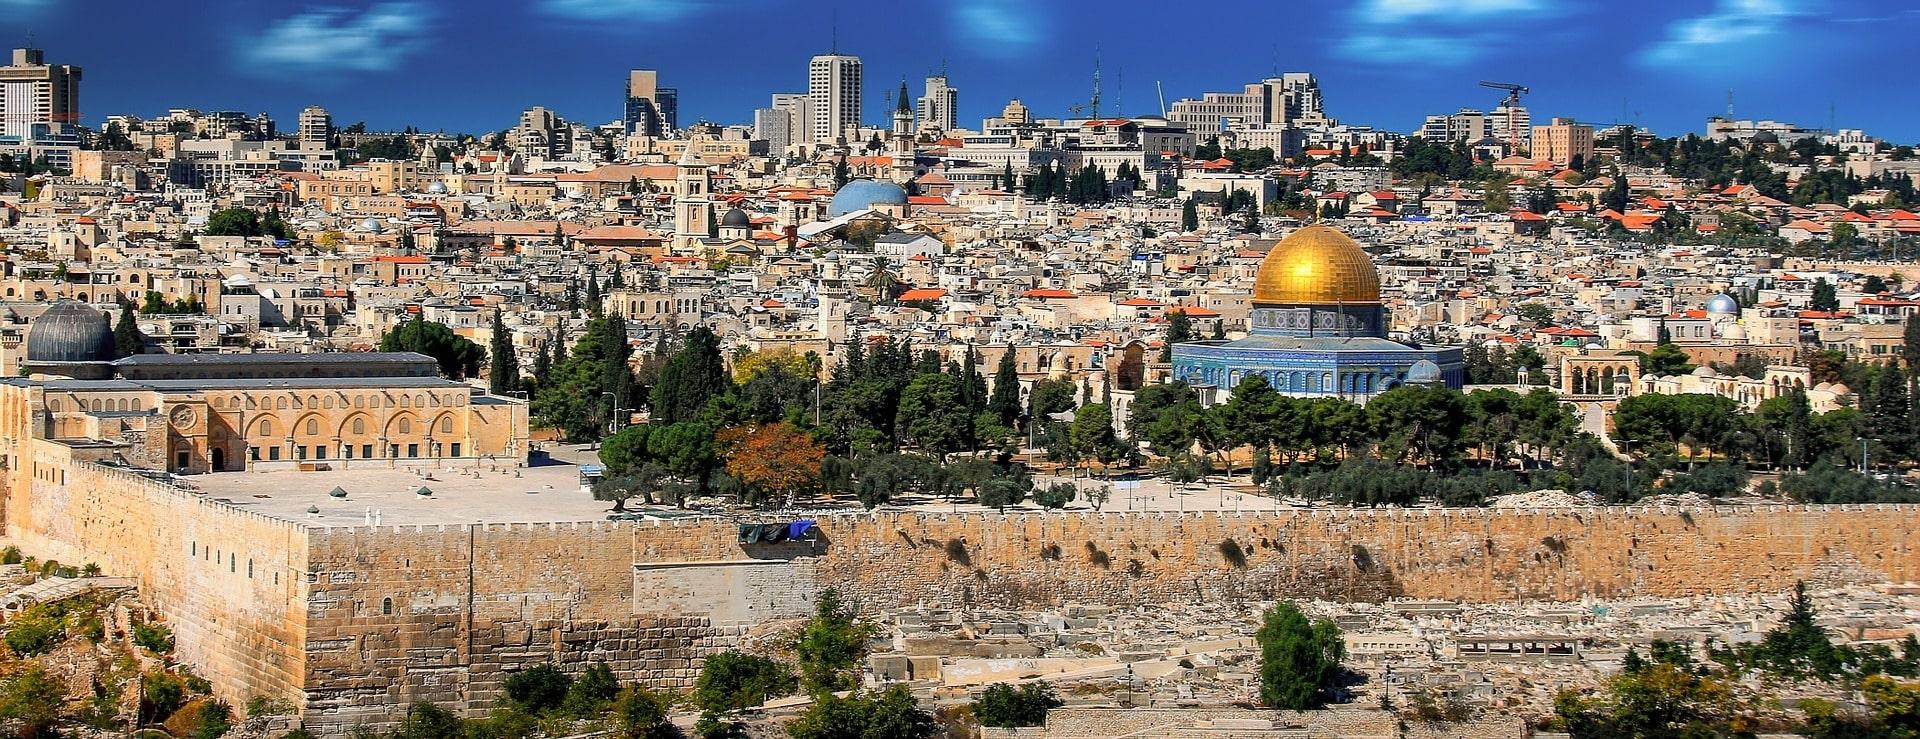 jerusalem-1712855_1920-min-2